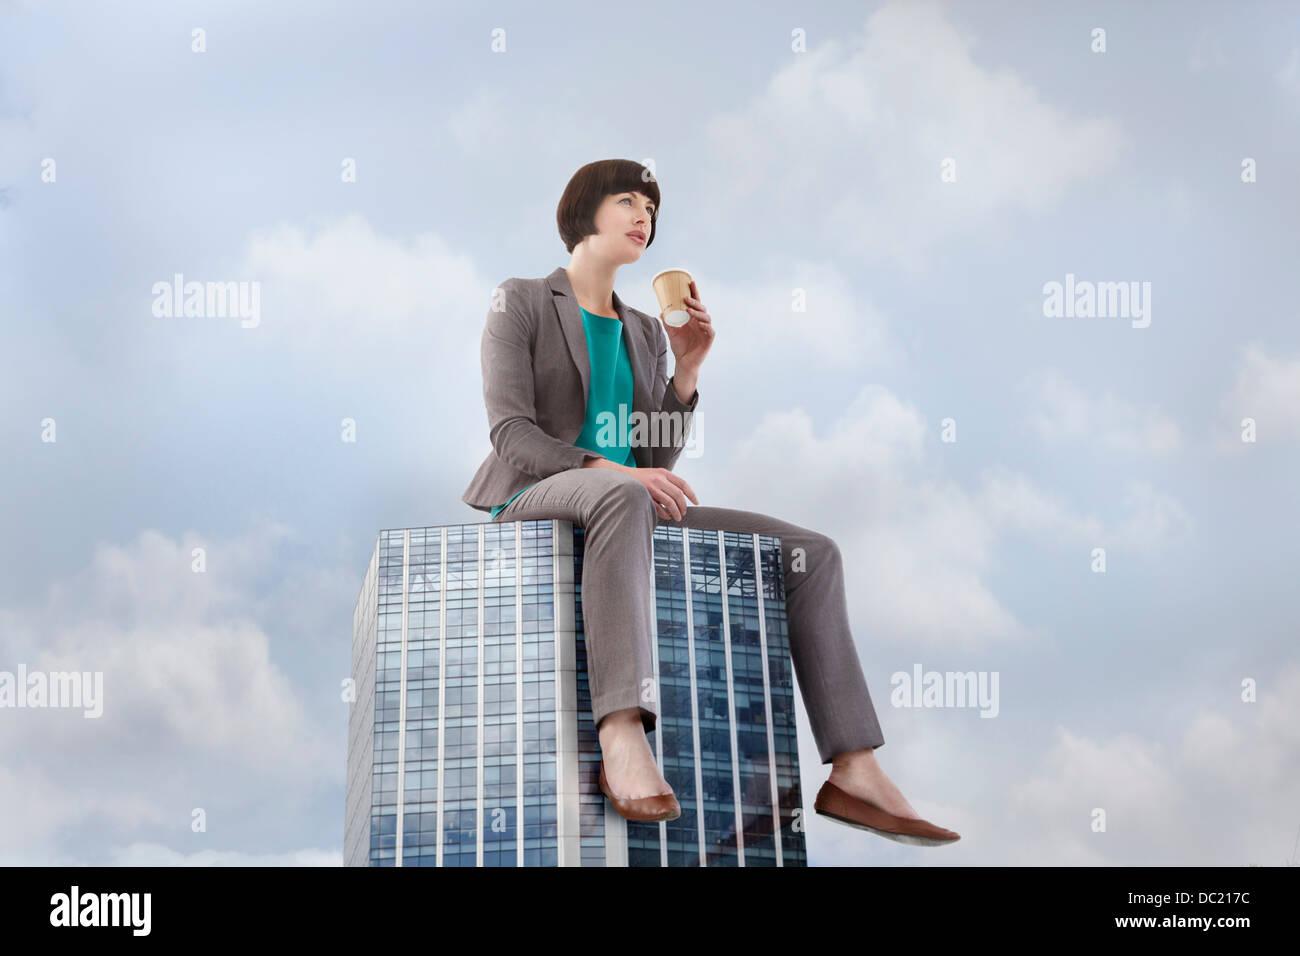 Übergroße Geschäftsfrau sitzen auf Wolkenkratzer, niedrigen Winkel Ansicht Stockbild